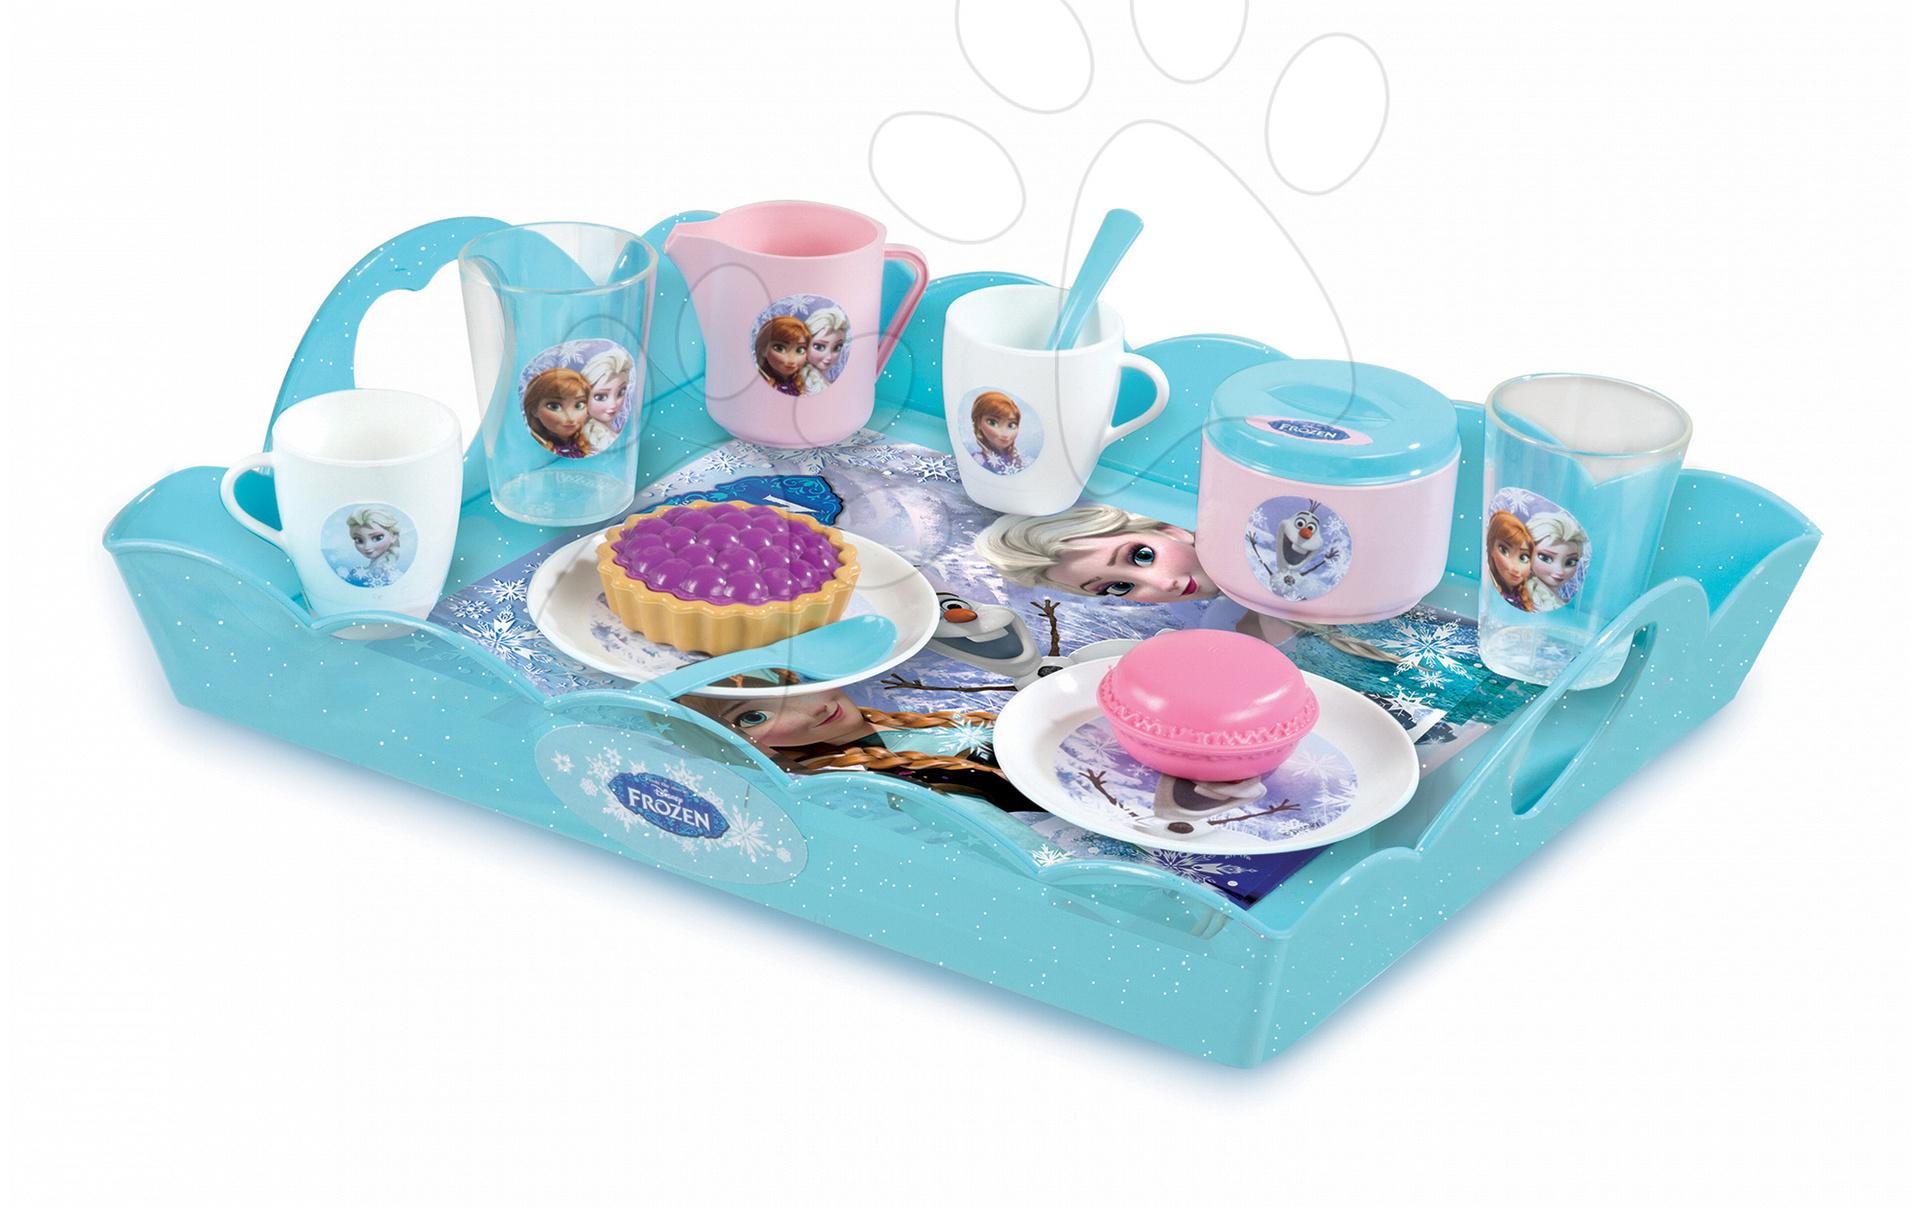 Čajová souprava Frozen Smoby na podnose s koláčky a 18 doplňky